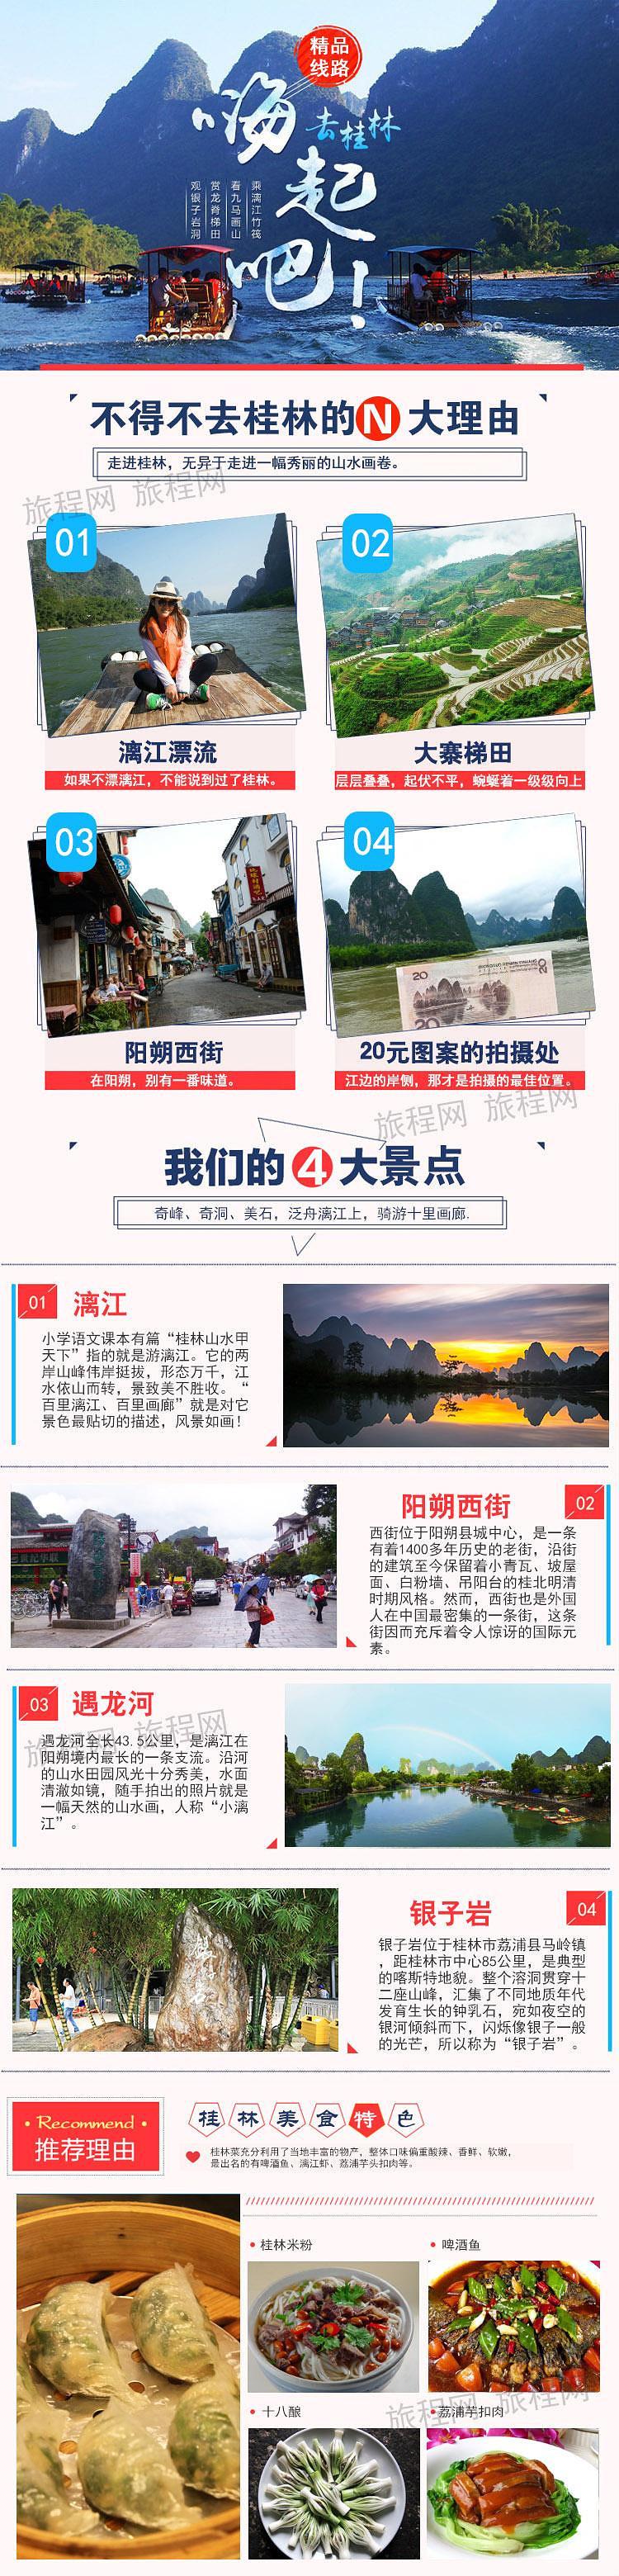 【七星大公馆】广州出发|桂林訾洲岛观象鼻山-刘三姐大观园表演-阳朔